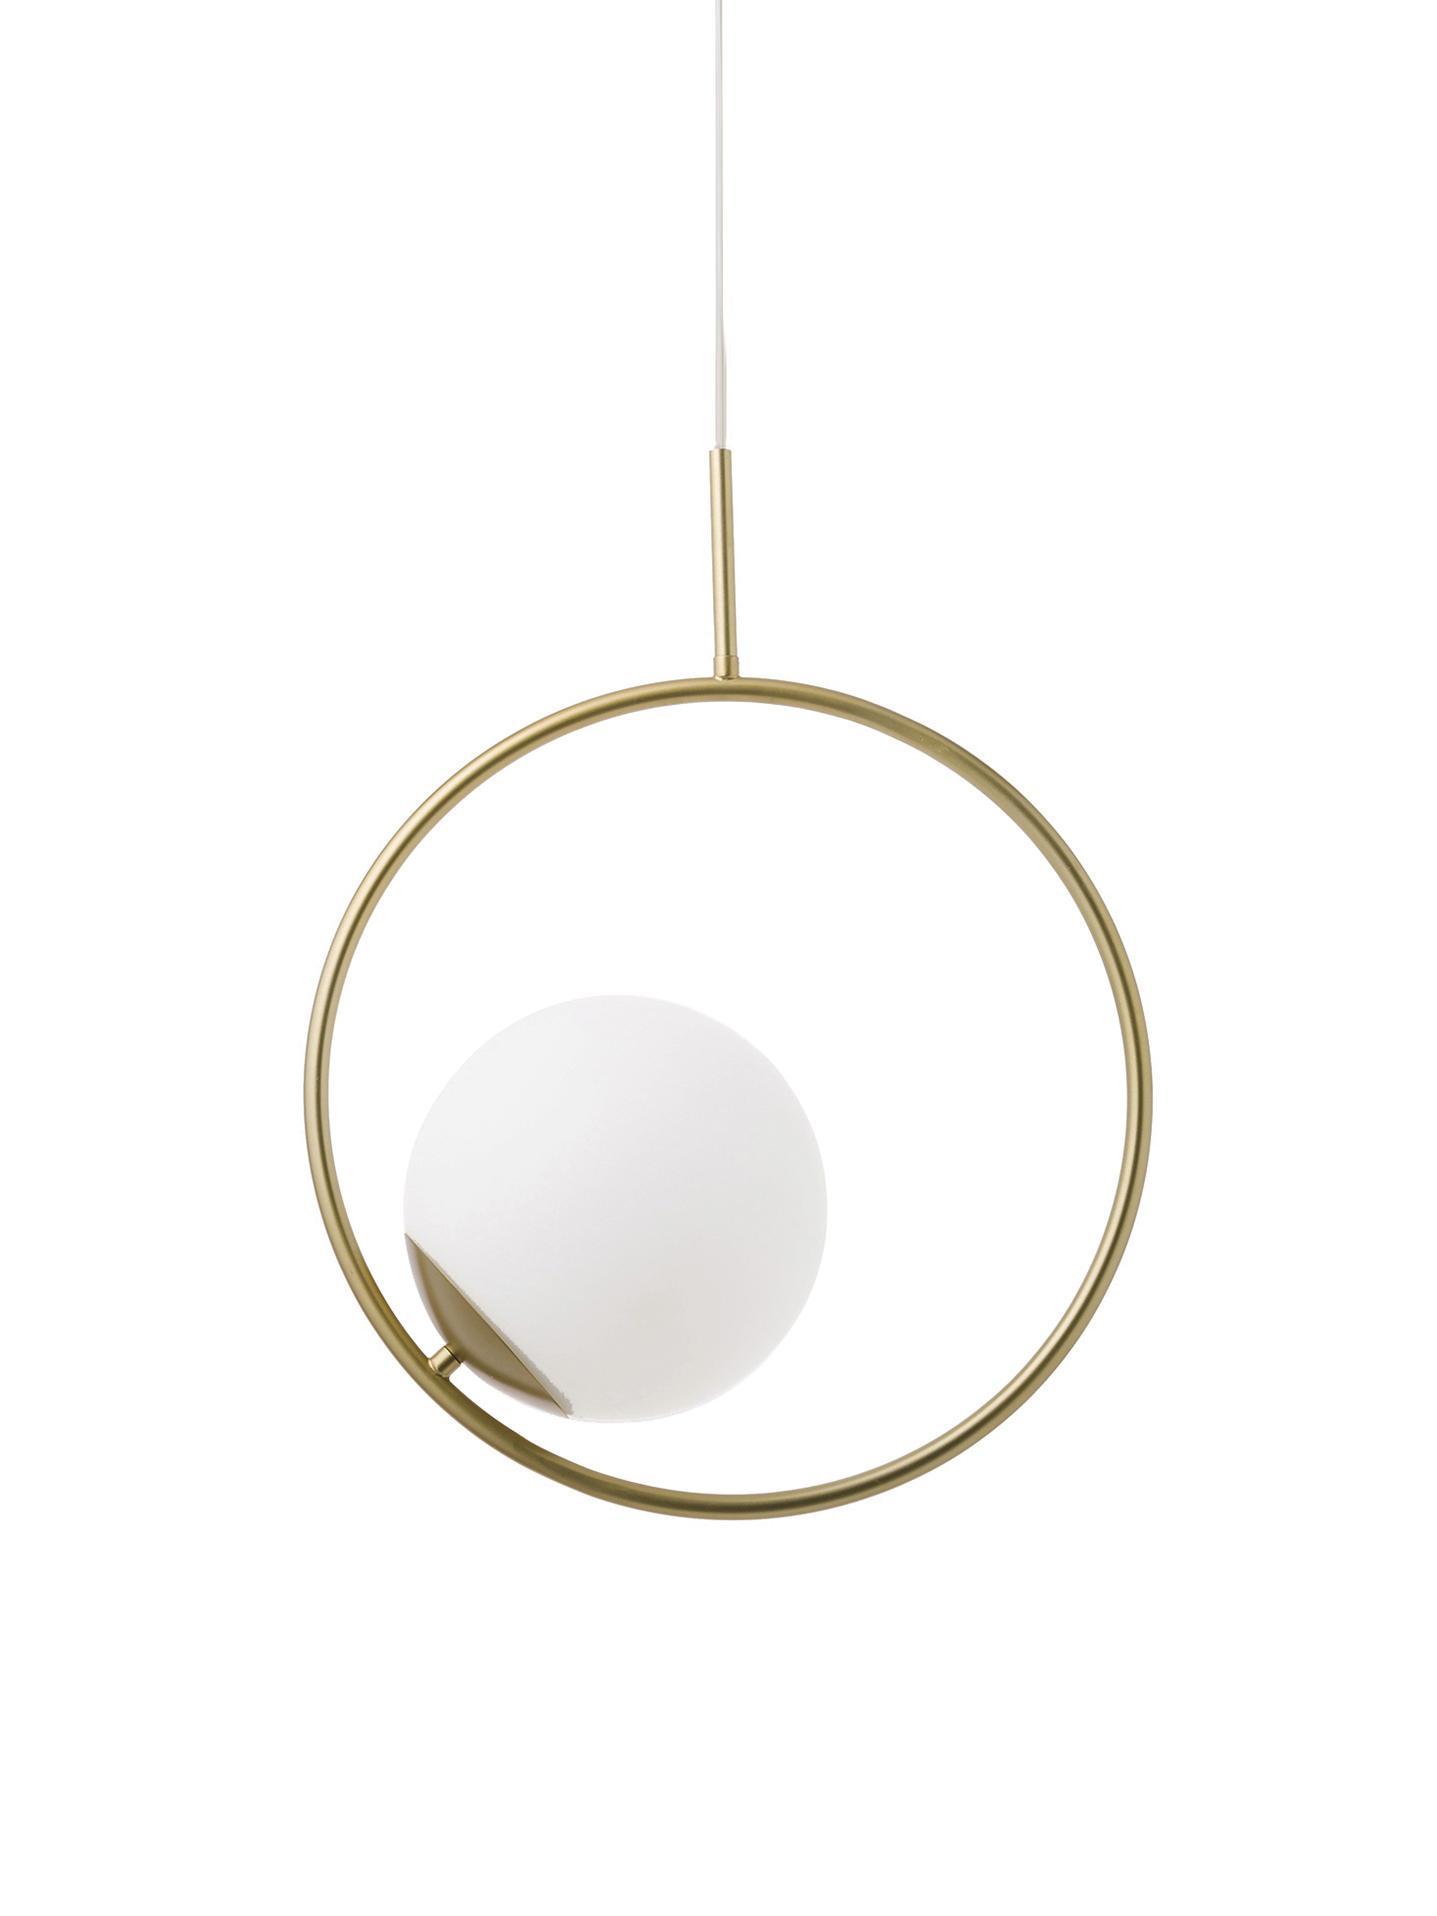 Pendelleuchte Chloe aus Glas und Metall, Lampenschirm: Glas, Weiß, Messing, 40 x 51 cm